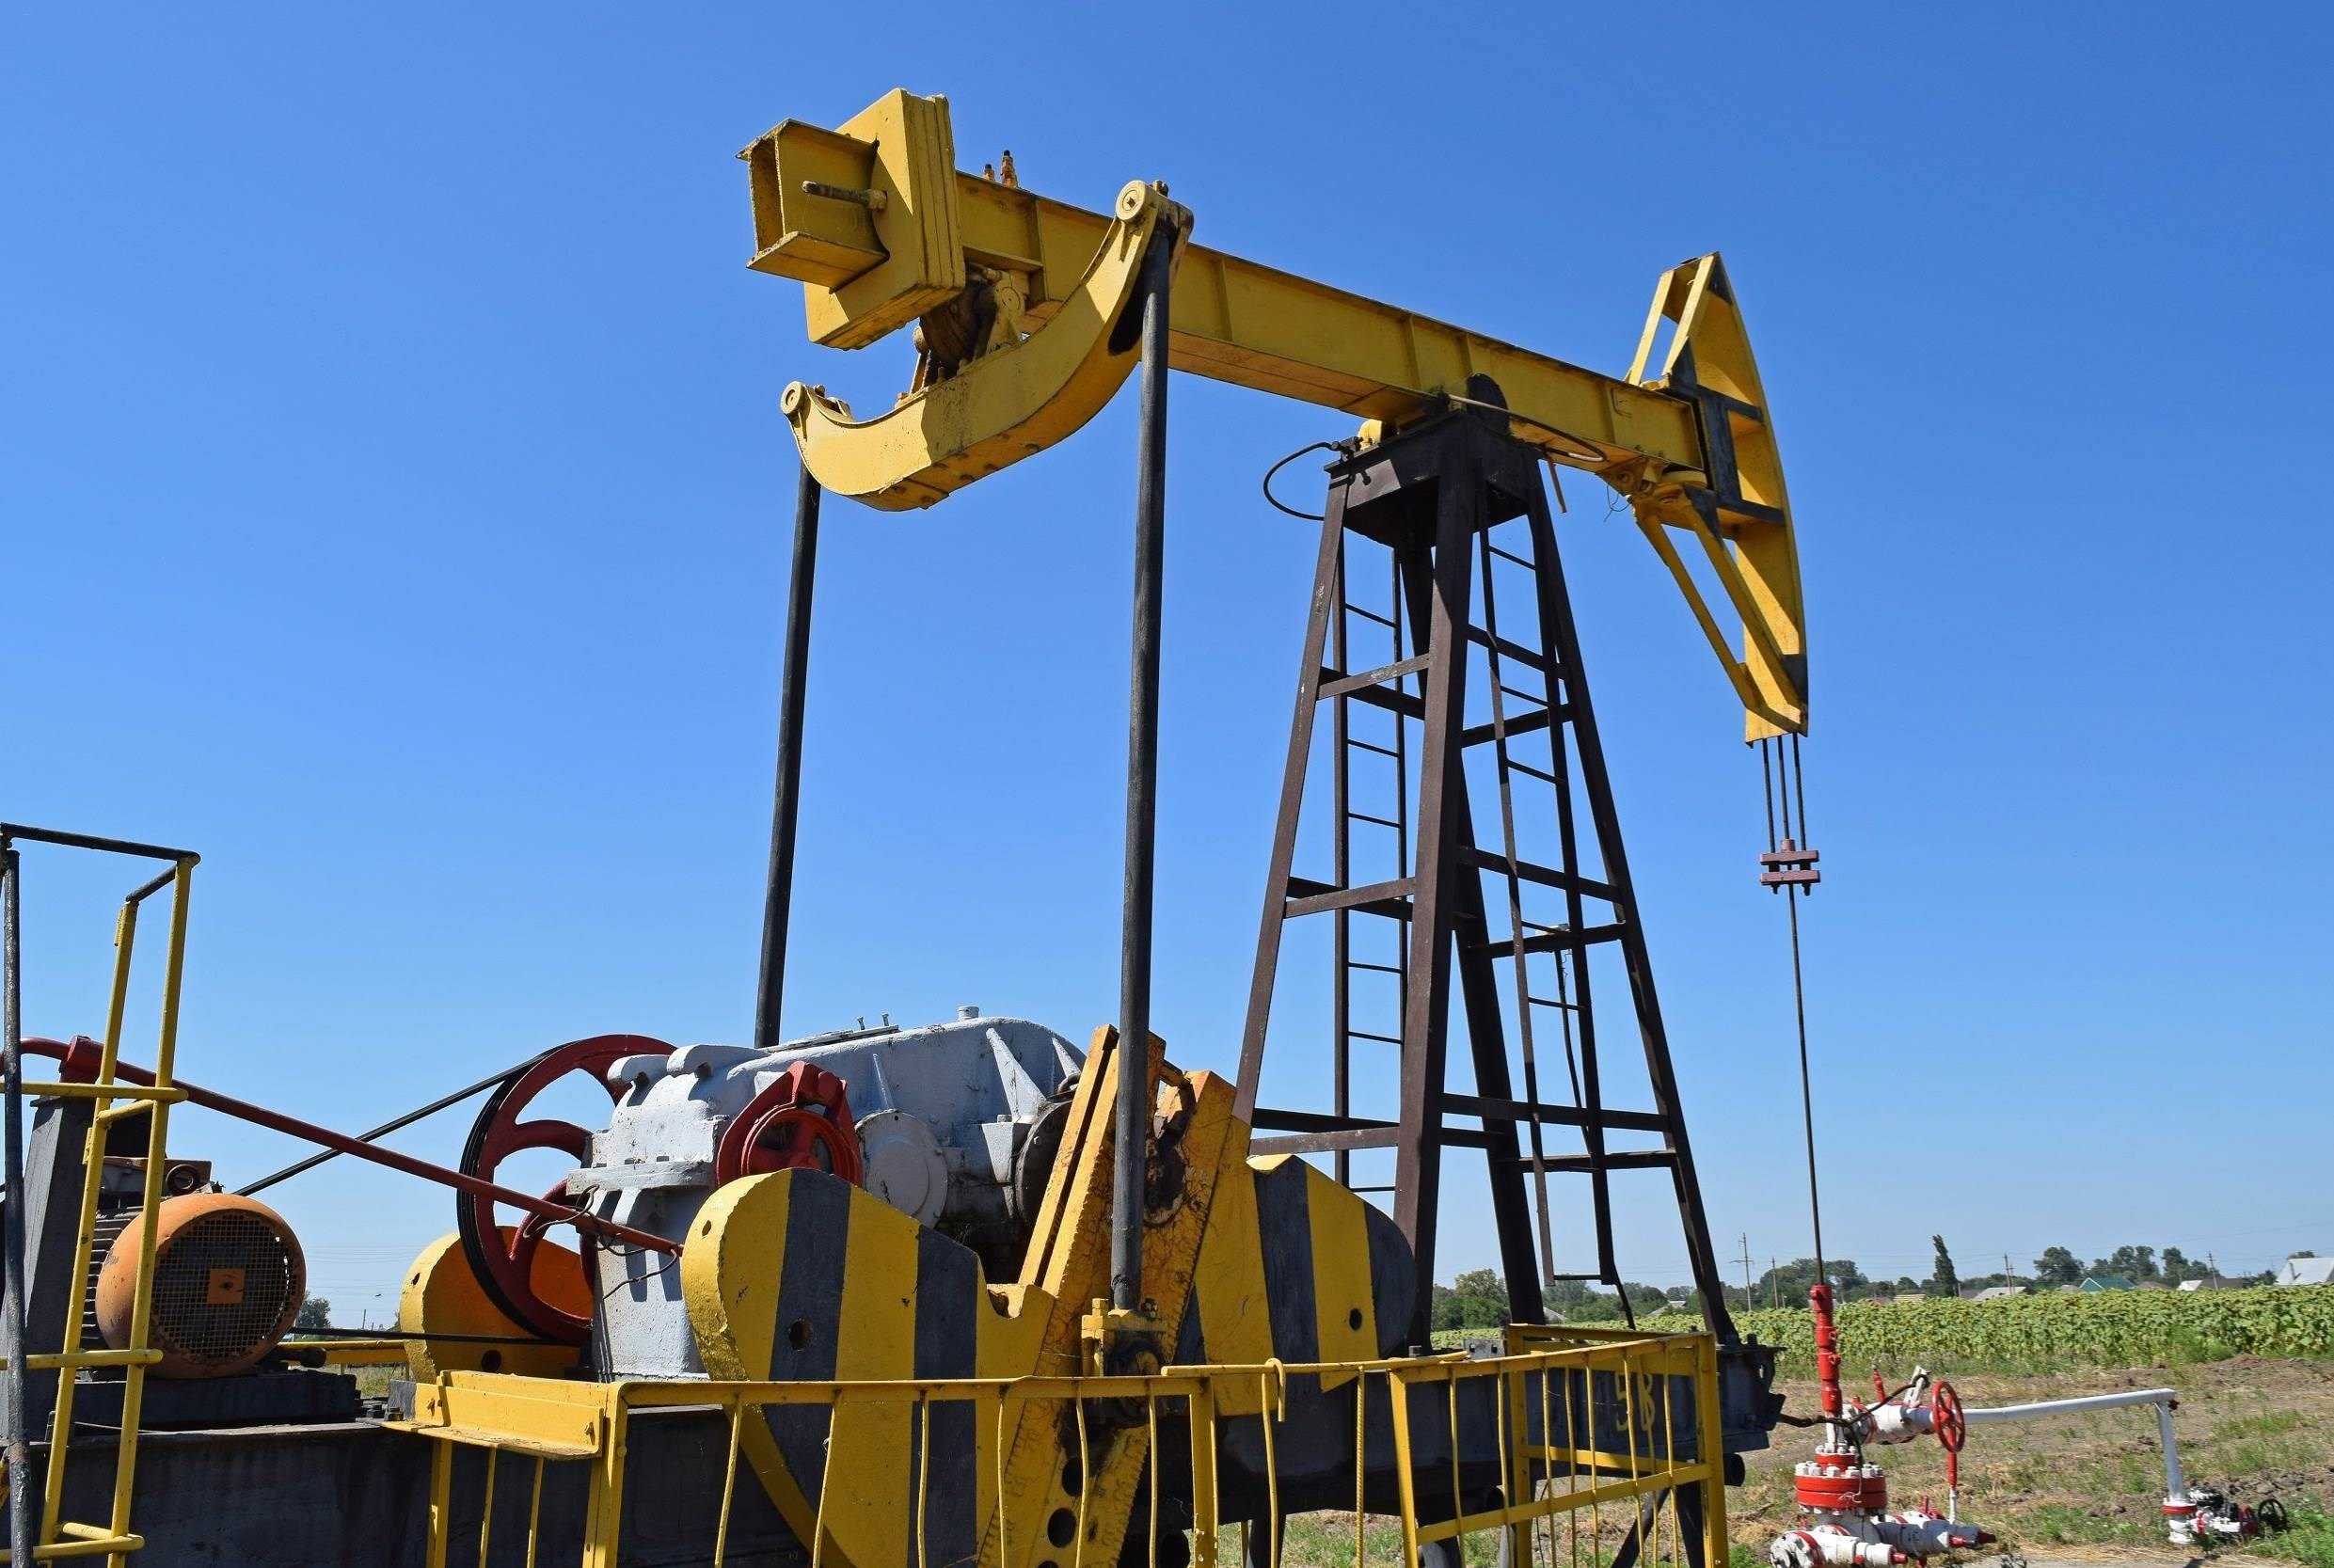 إدارة معلومات الطاقة: هبوط أكبر في إنتاج واستهلاك النفط في أميركا